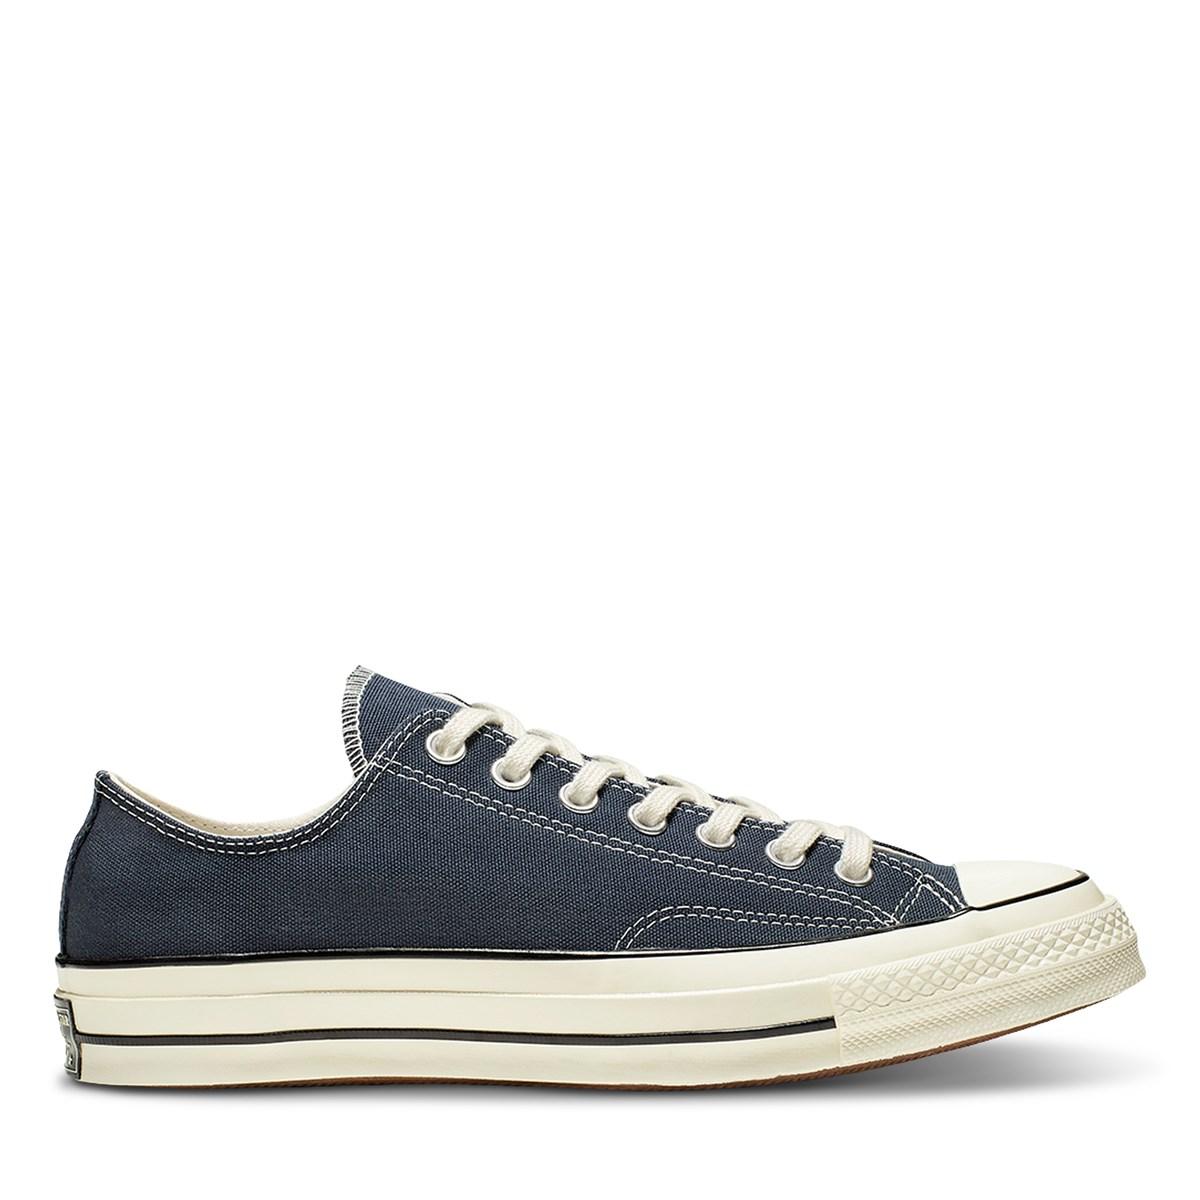 Men's Chuck 70 Ox Sneakers in Blue